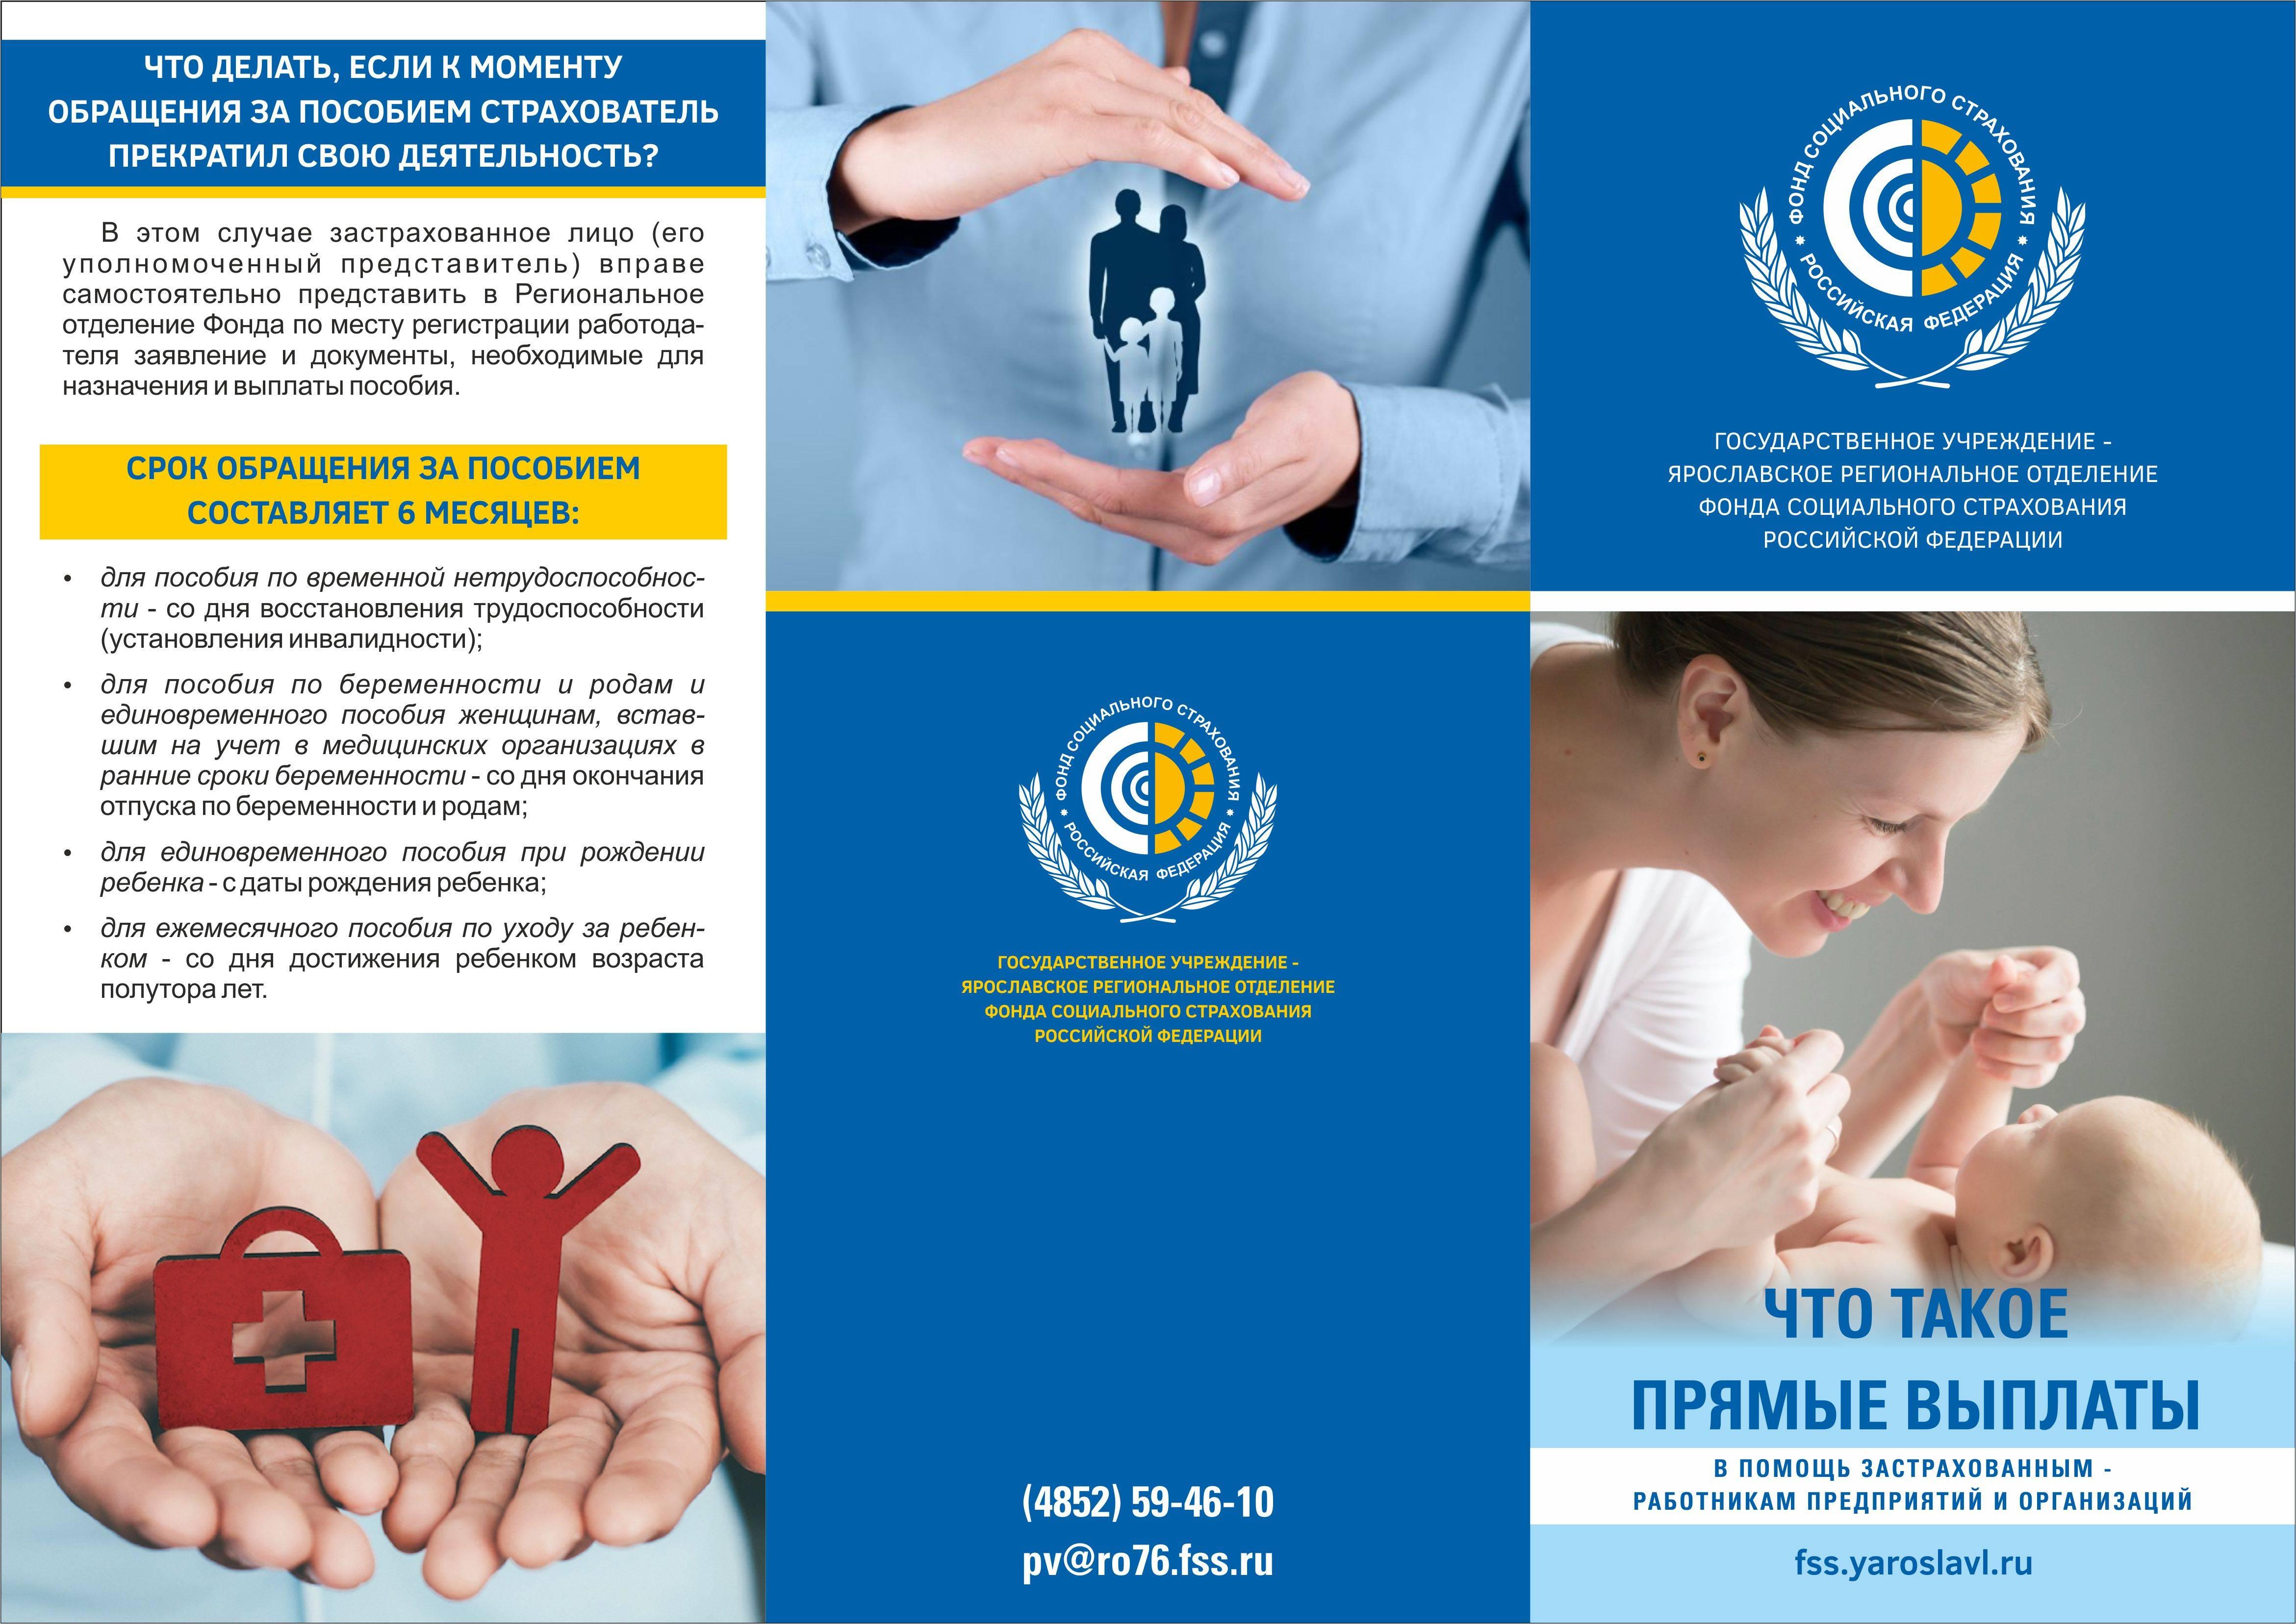 Денежная форма предоставления социальной поддержки граждан в 2021 году